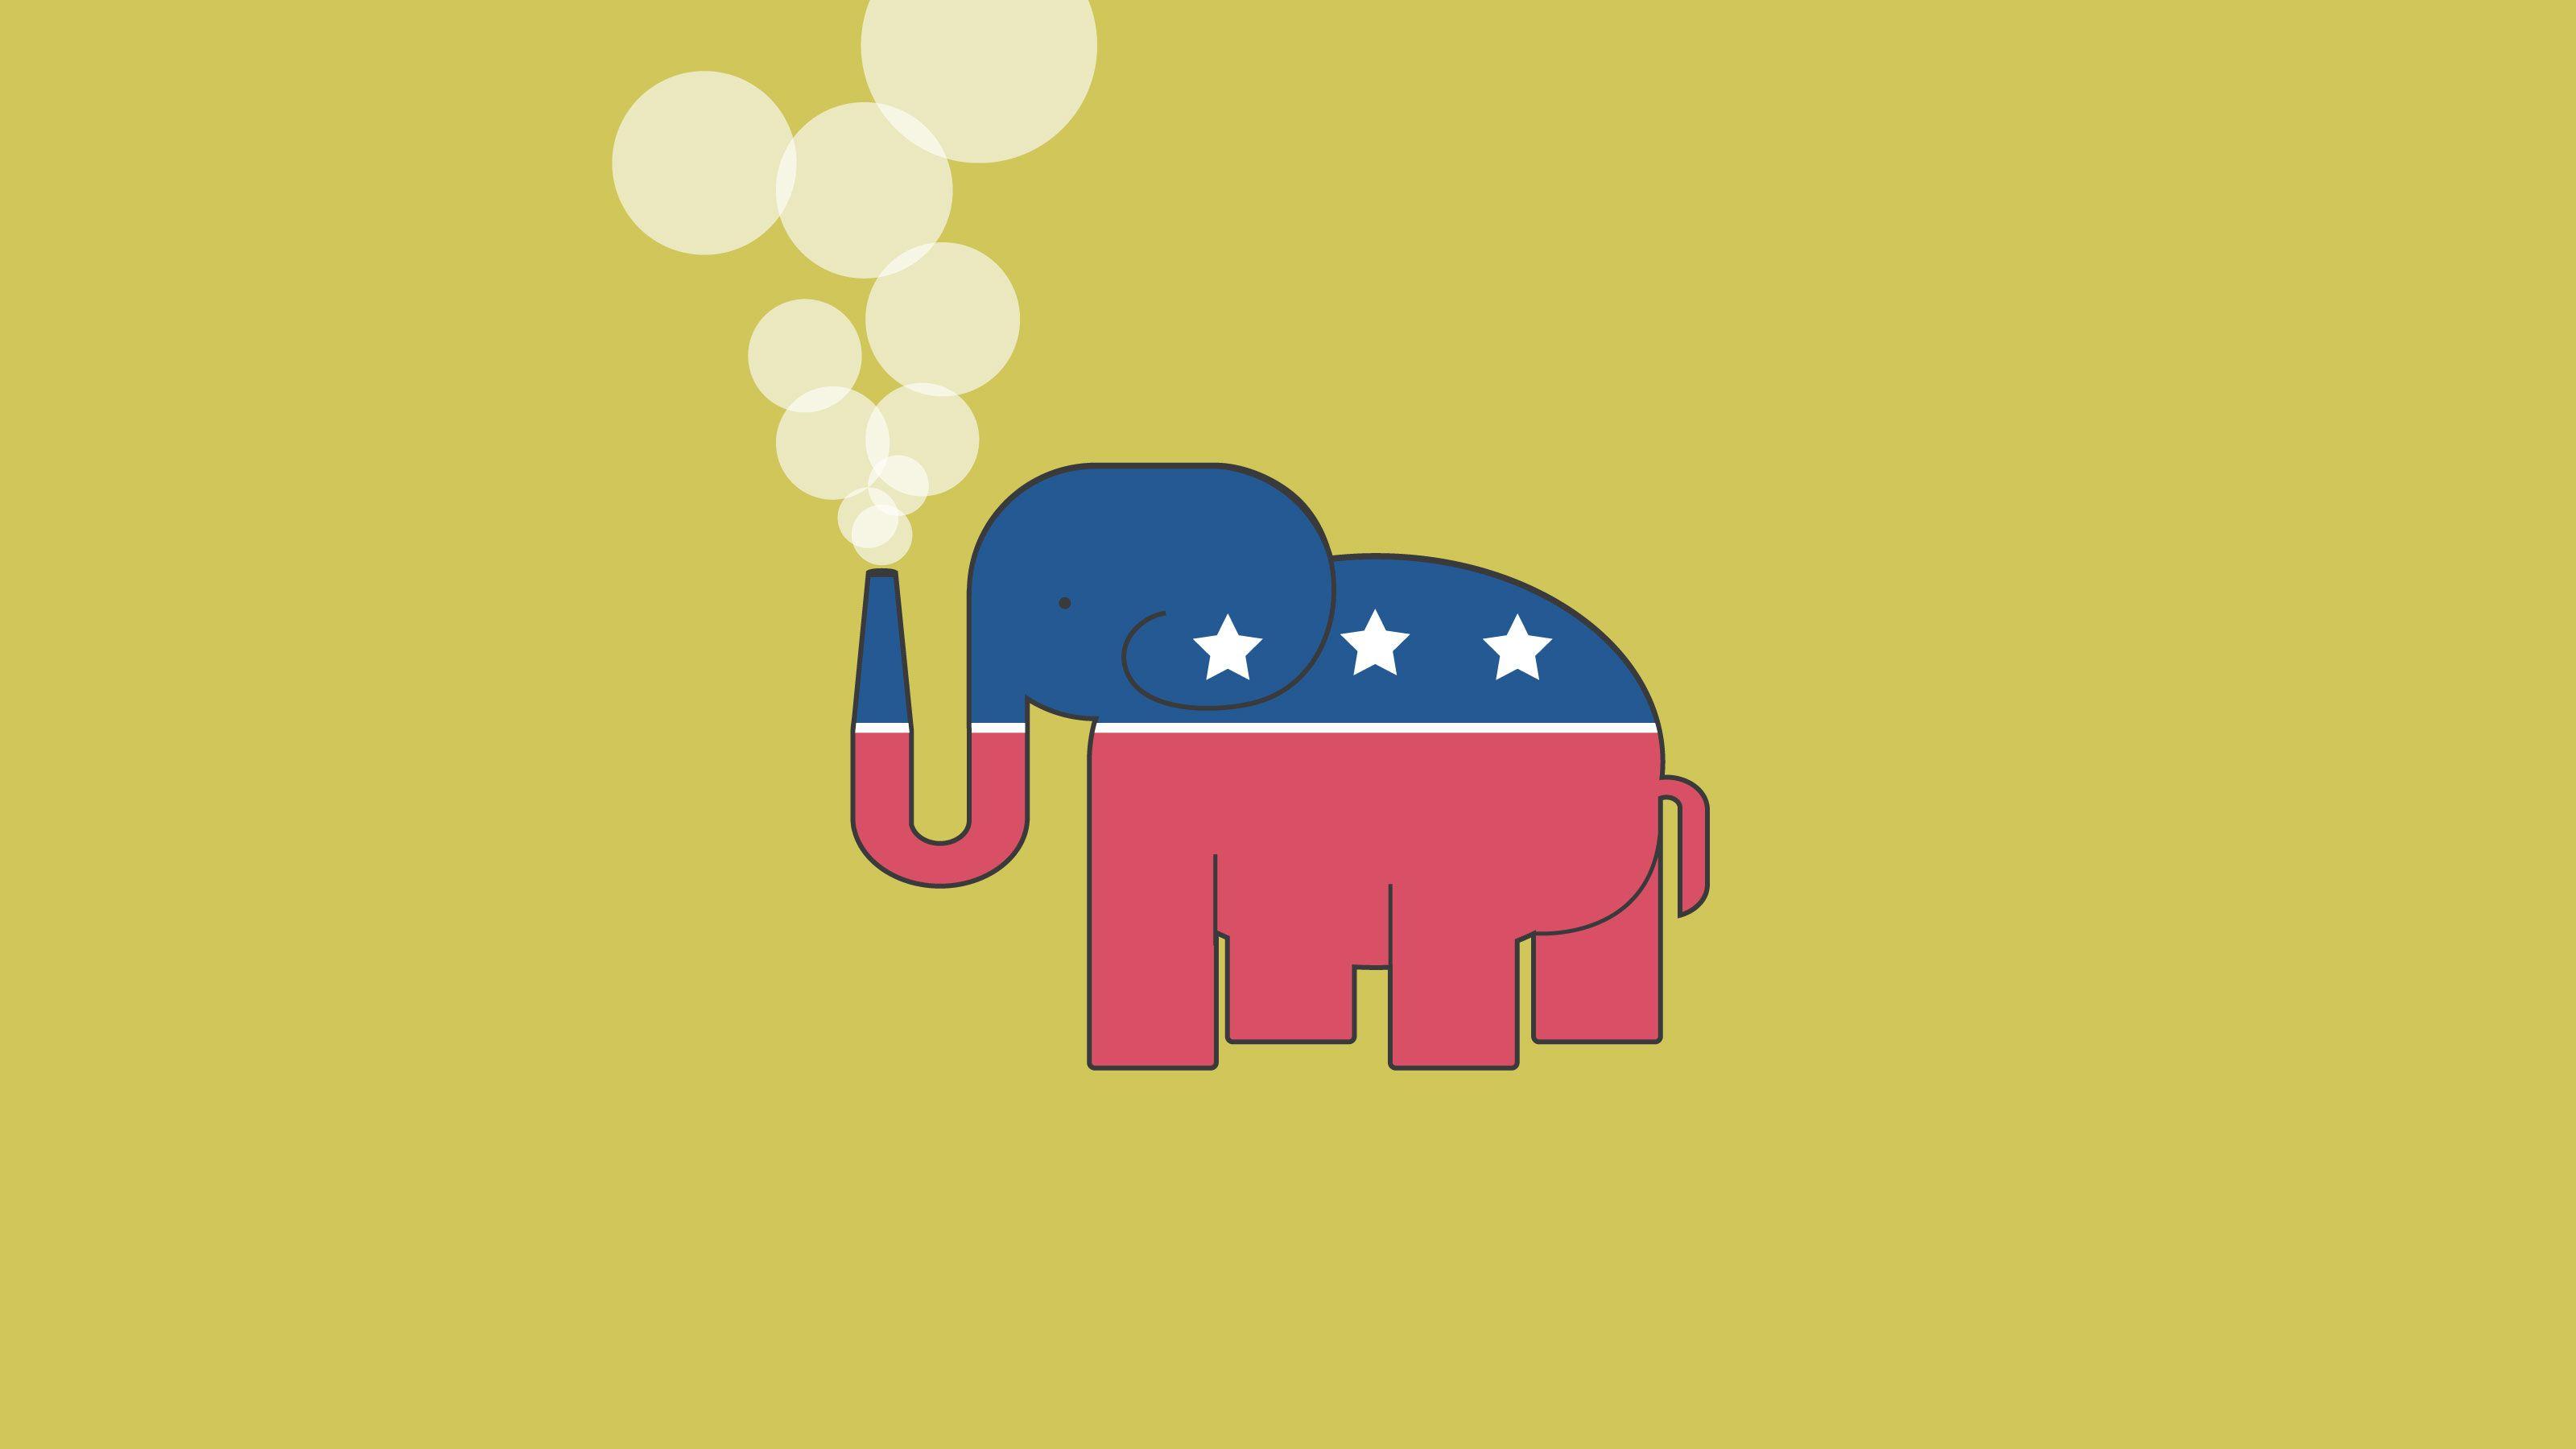 トランプ支持者にも変化あり 米国の「保守」が 気候変動を認め始めた理由